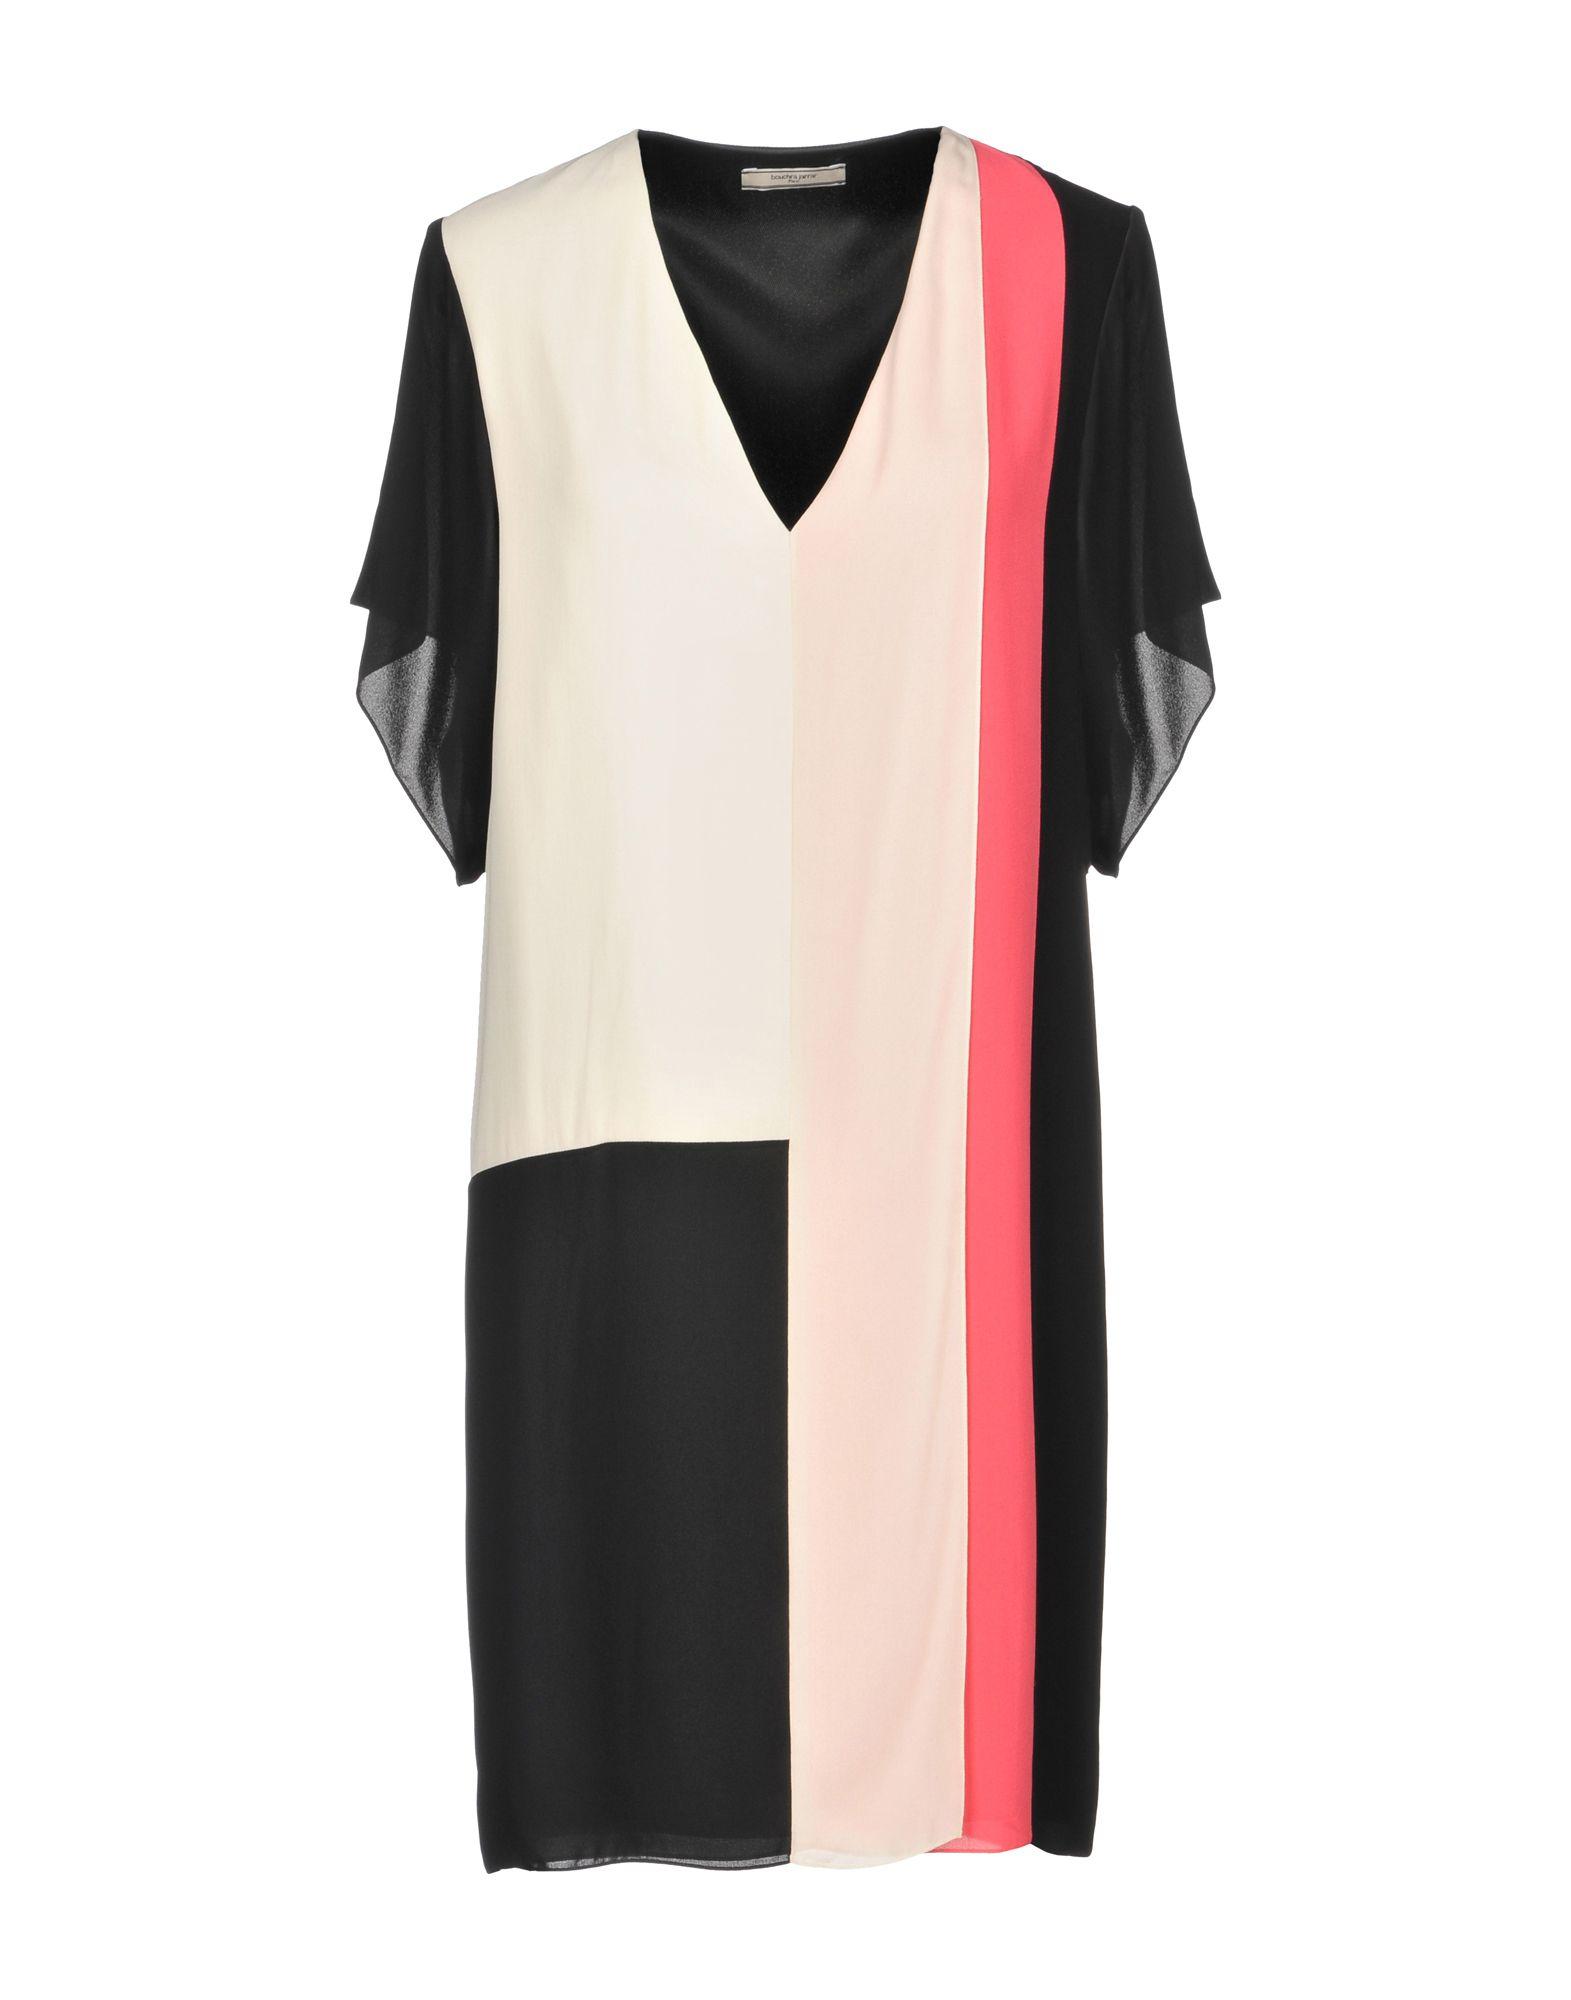 BOUCHRA JARRAR Short Dress in Black